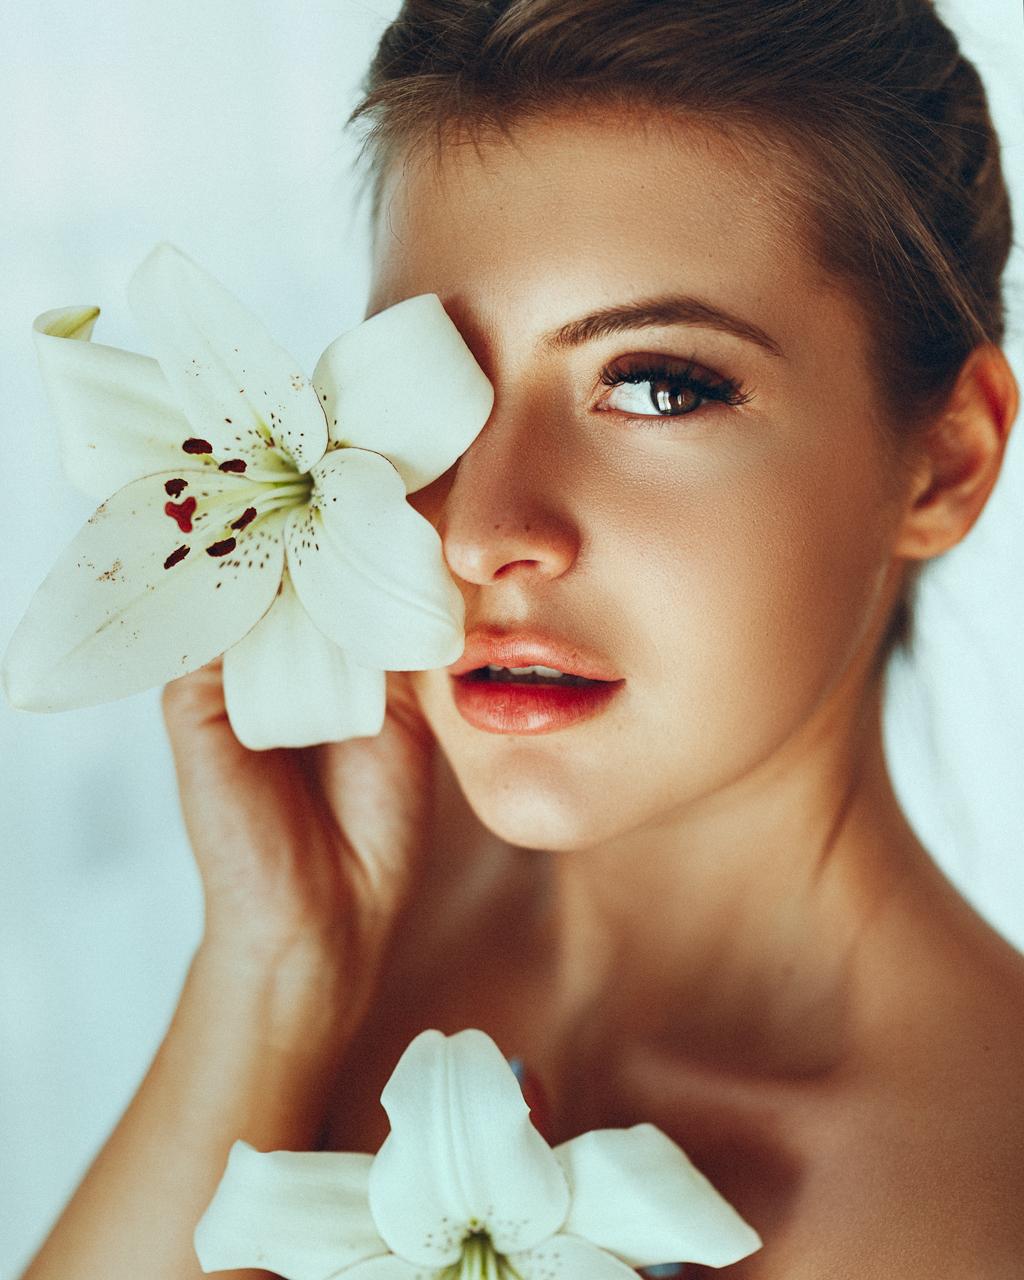 Photo in Portrait | Author Vanya Tufkova - tsvette | PHOTO FORUM